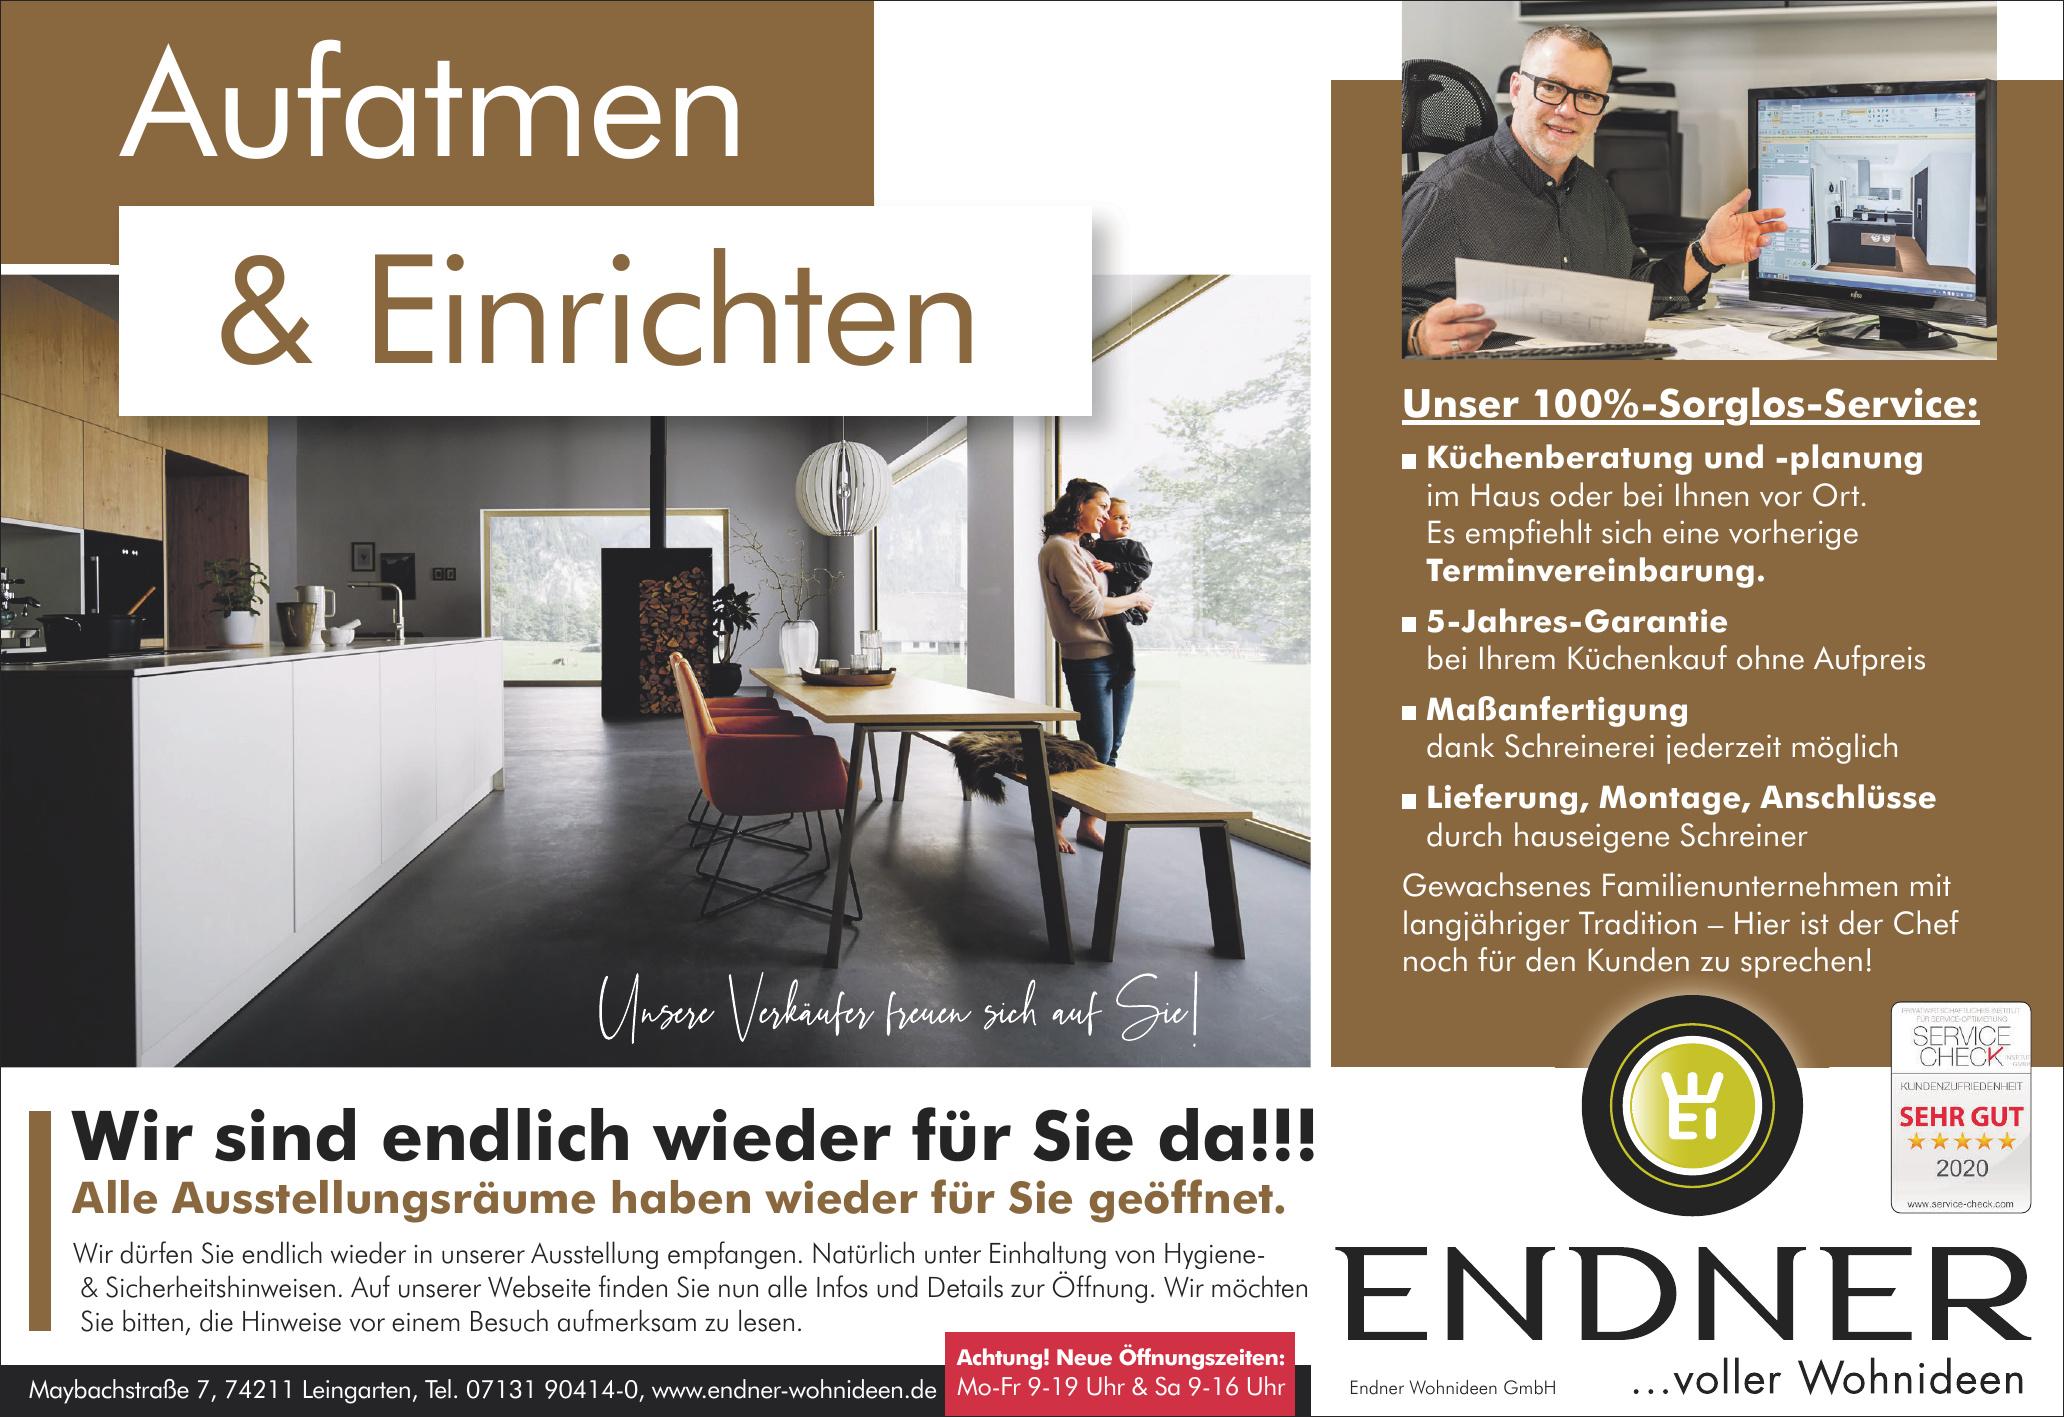 Endner Wohnideen GmbH